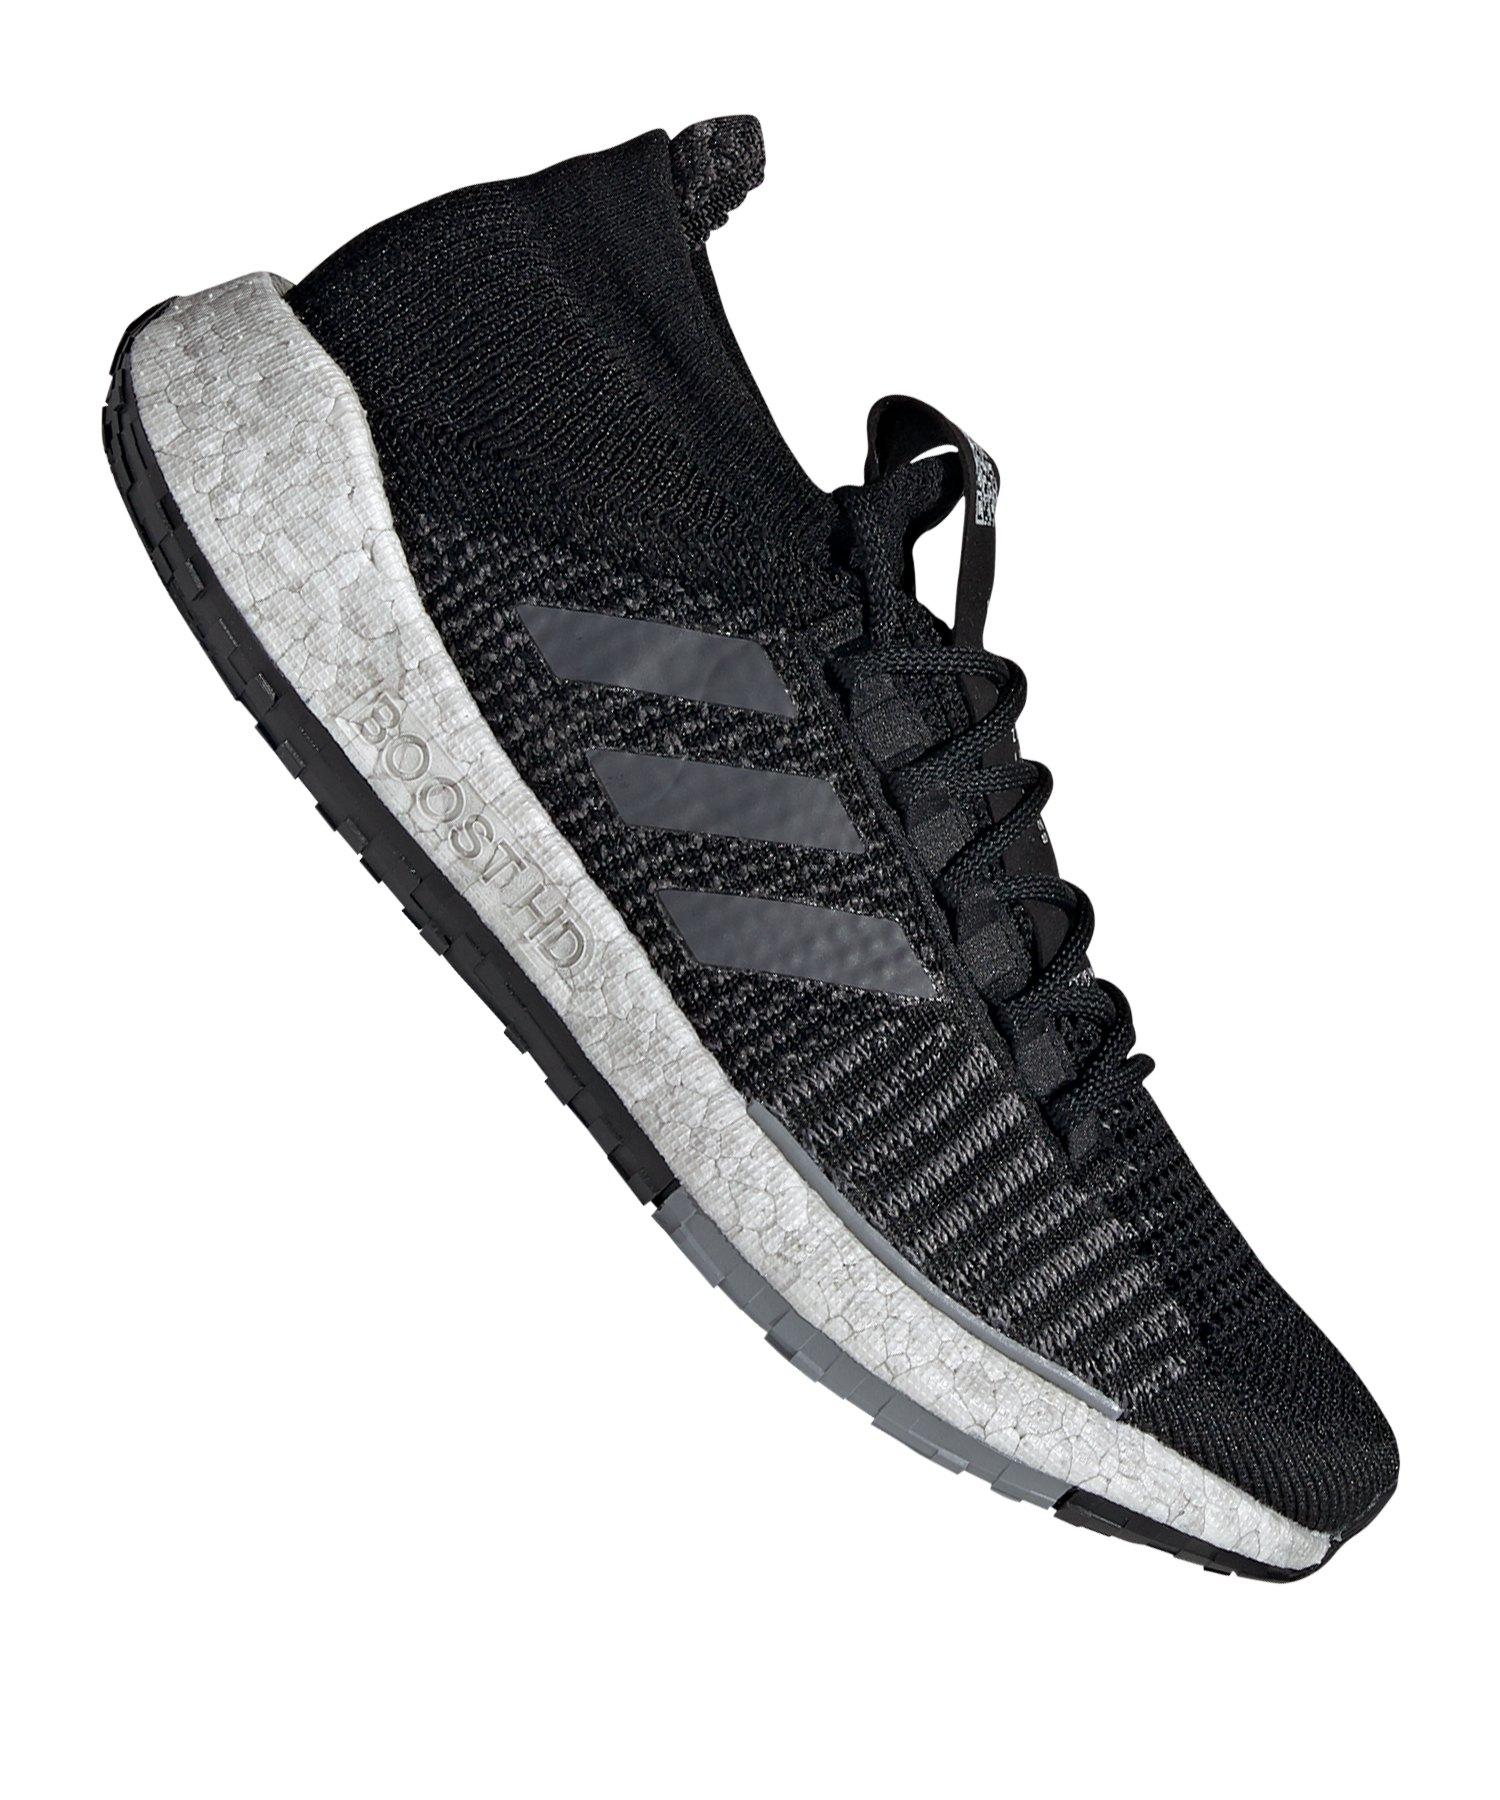 HD Boost Pulse Grau adidas Running Schwarz 6Ybgyf7